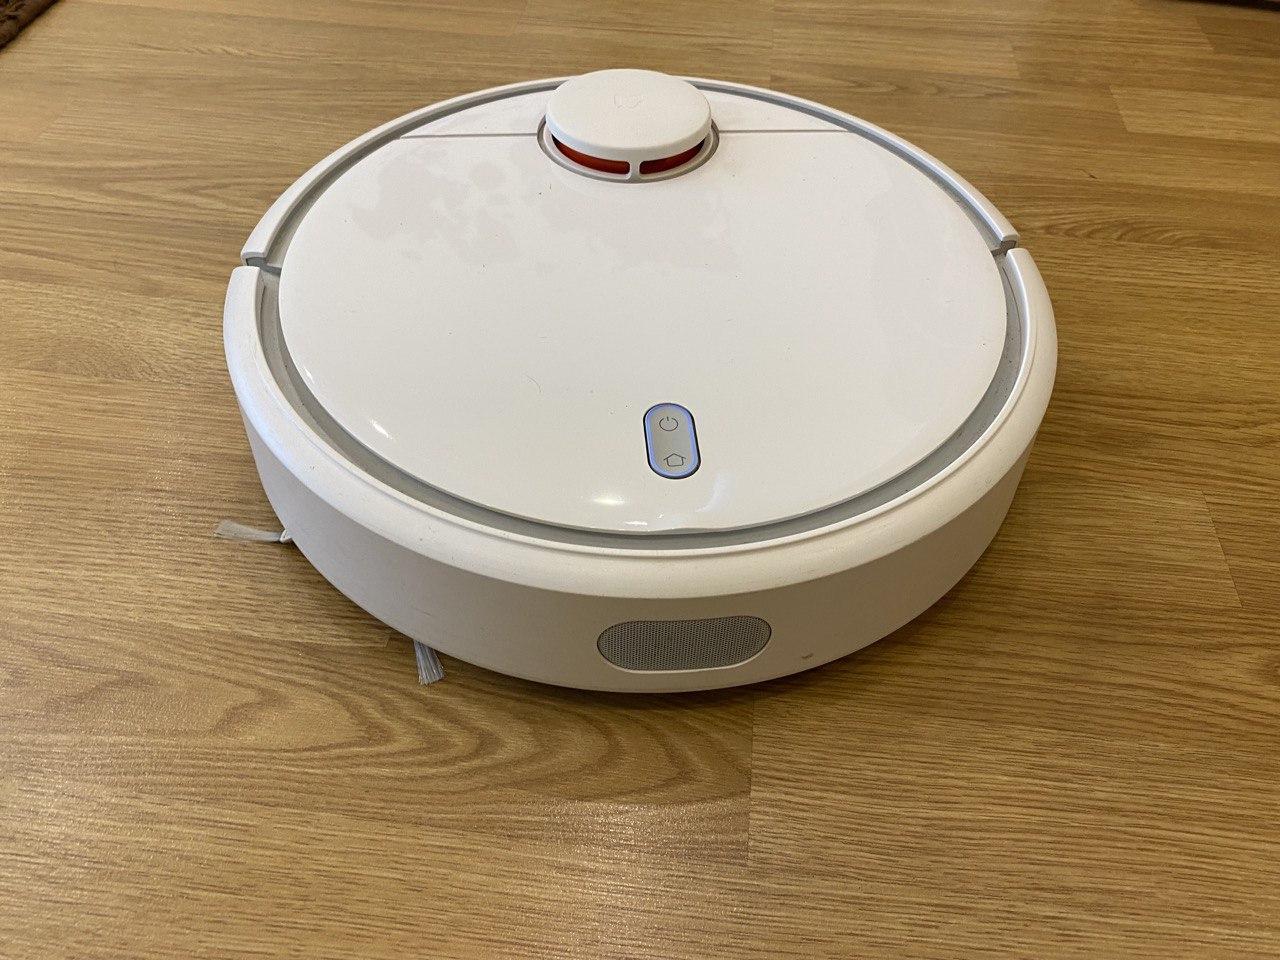 Пользуюсь Роботом-пылесосом 2,5 года — рассказываю о впечатлениях